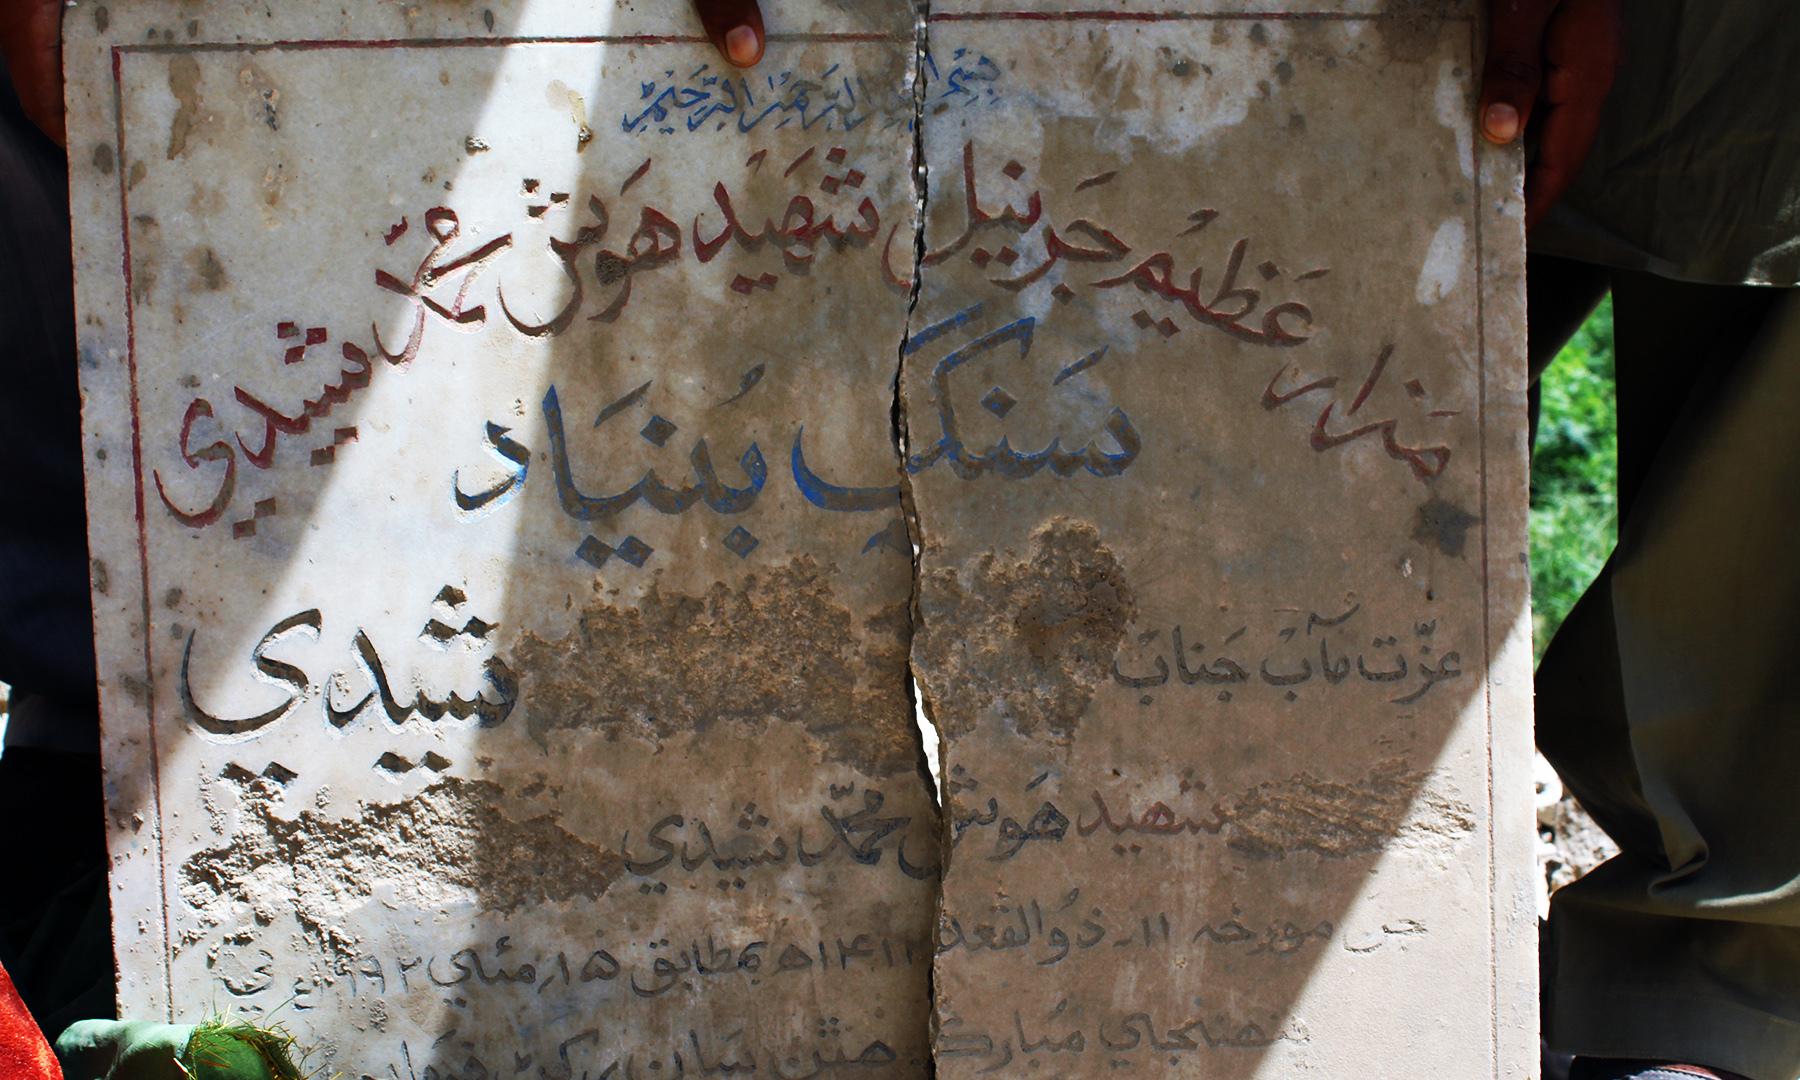 ہوشو شیدی کی قبر کا کتبہ — تصویر اختر حفیظ